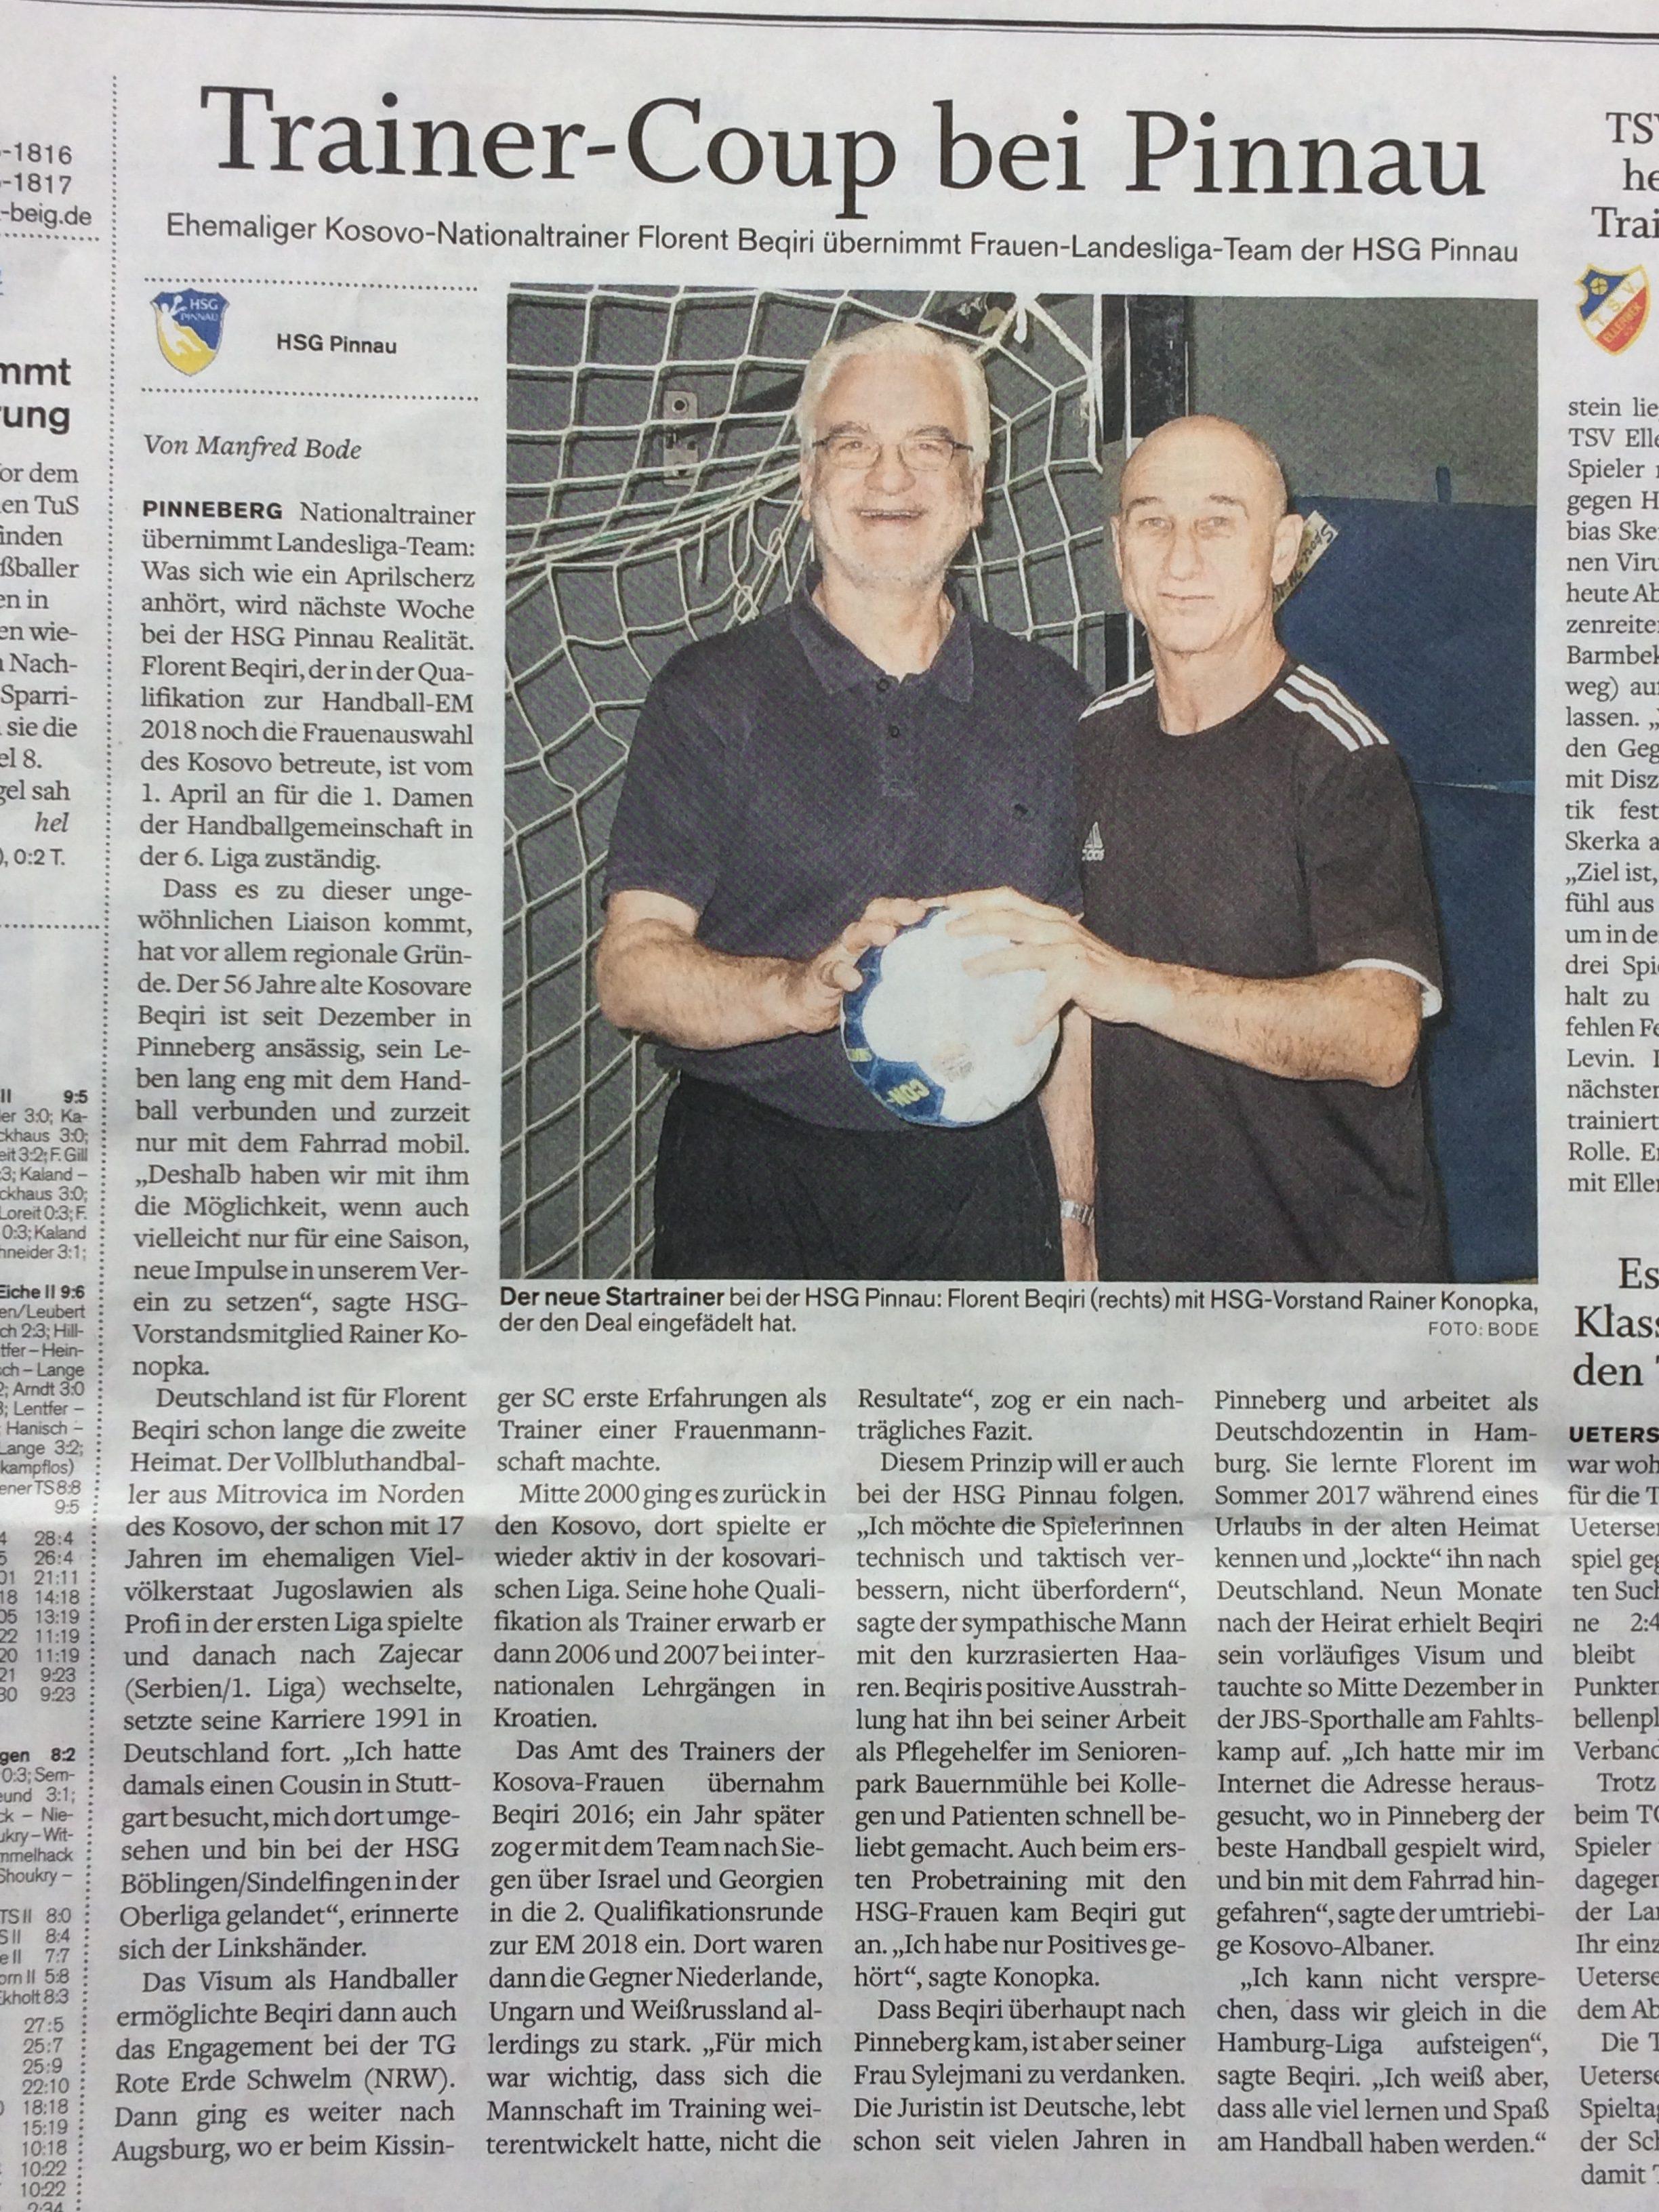 Trainer-Coup bei Pinnau. Wir begrüßen den ehemaligen Kosovo-Trainer Florent Beqiri bei der HSG.